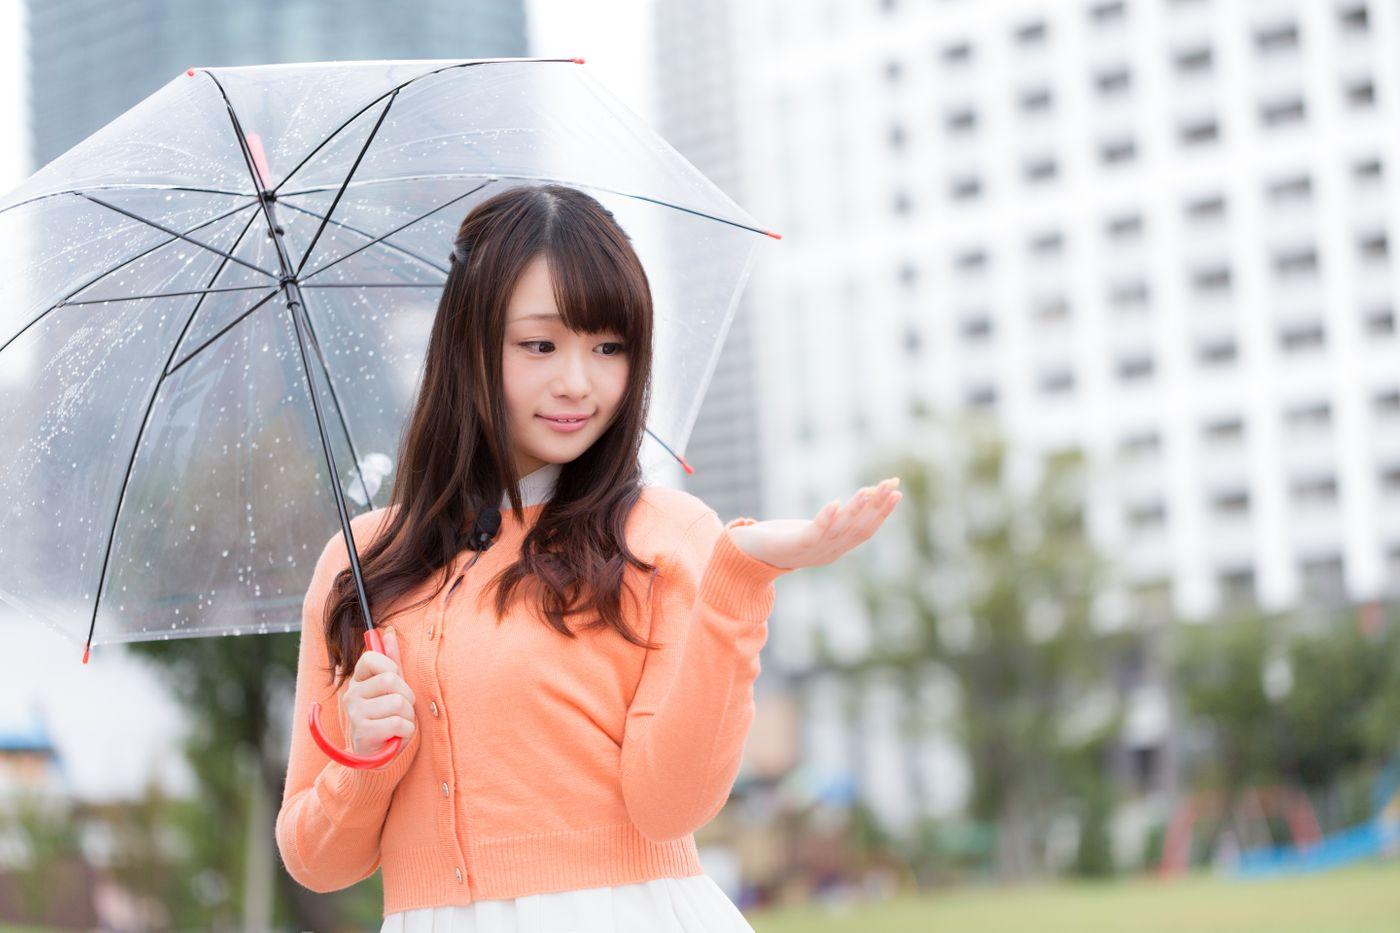 雨を伝えるお天気お姉さんの写真